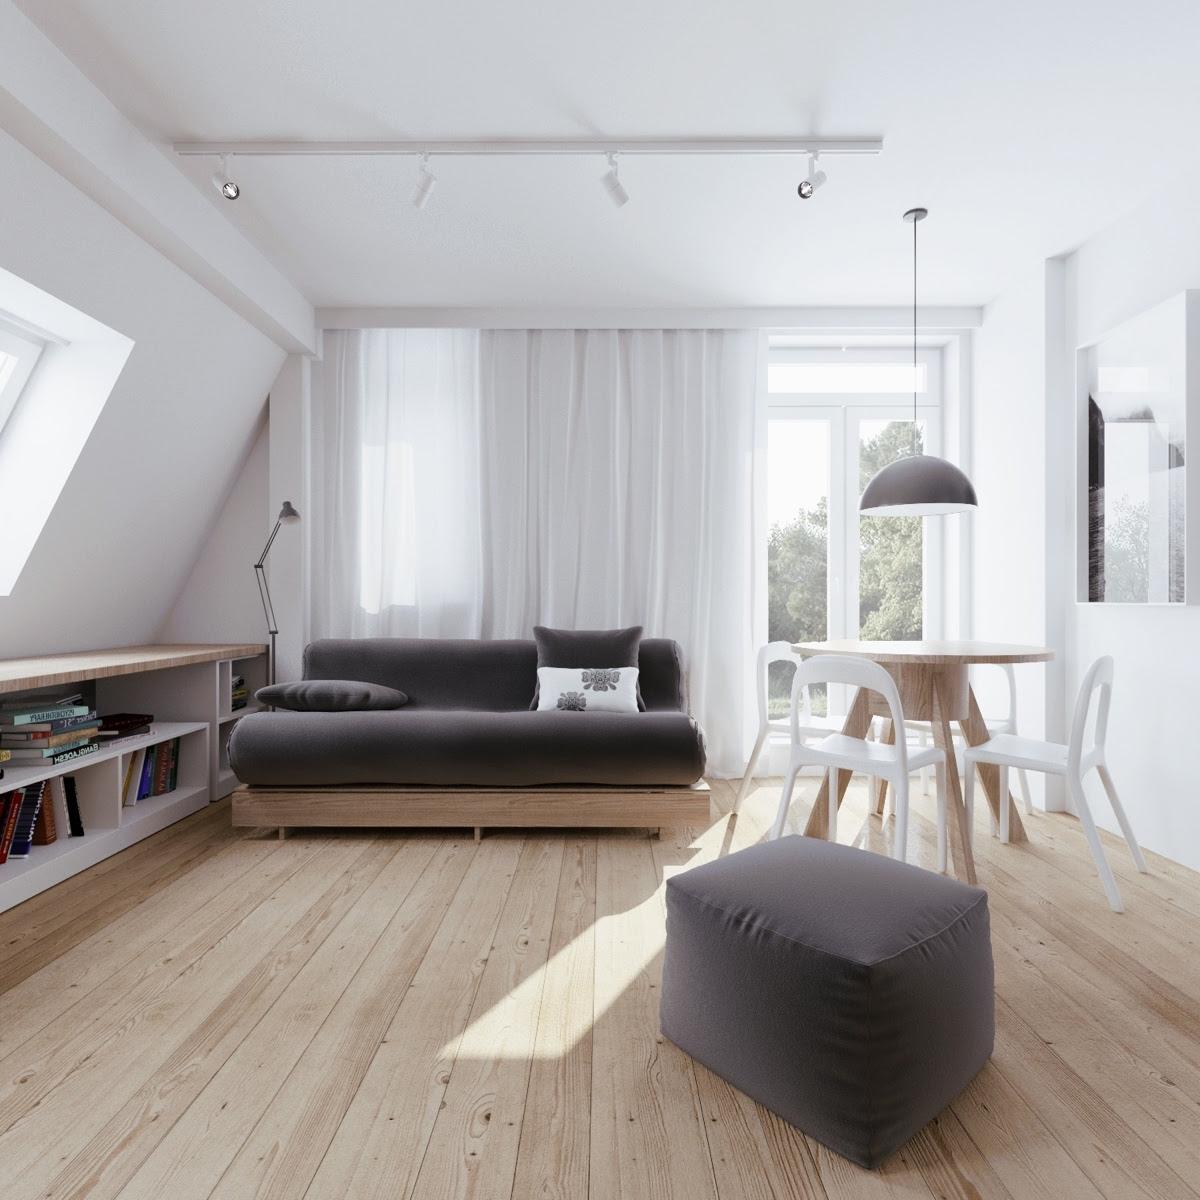 Minimalist Apartment Design With Soft Color Scheme ...